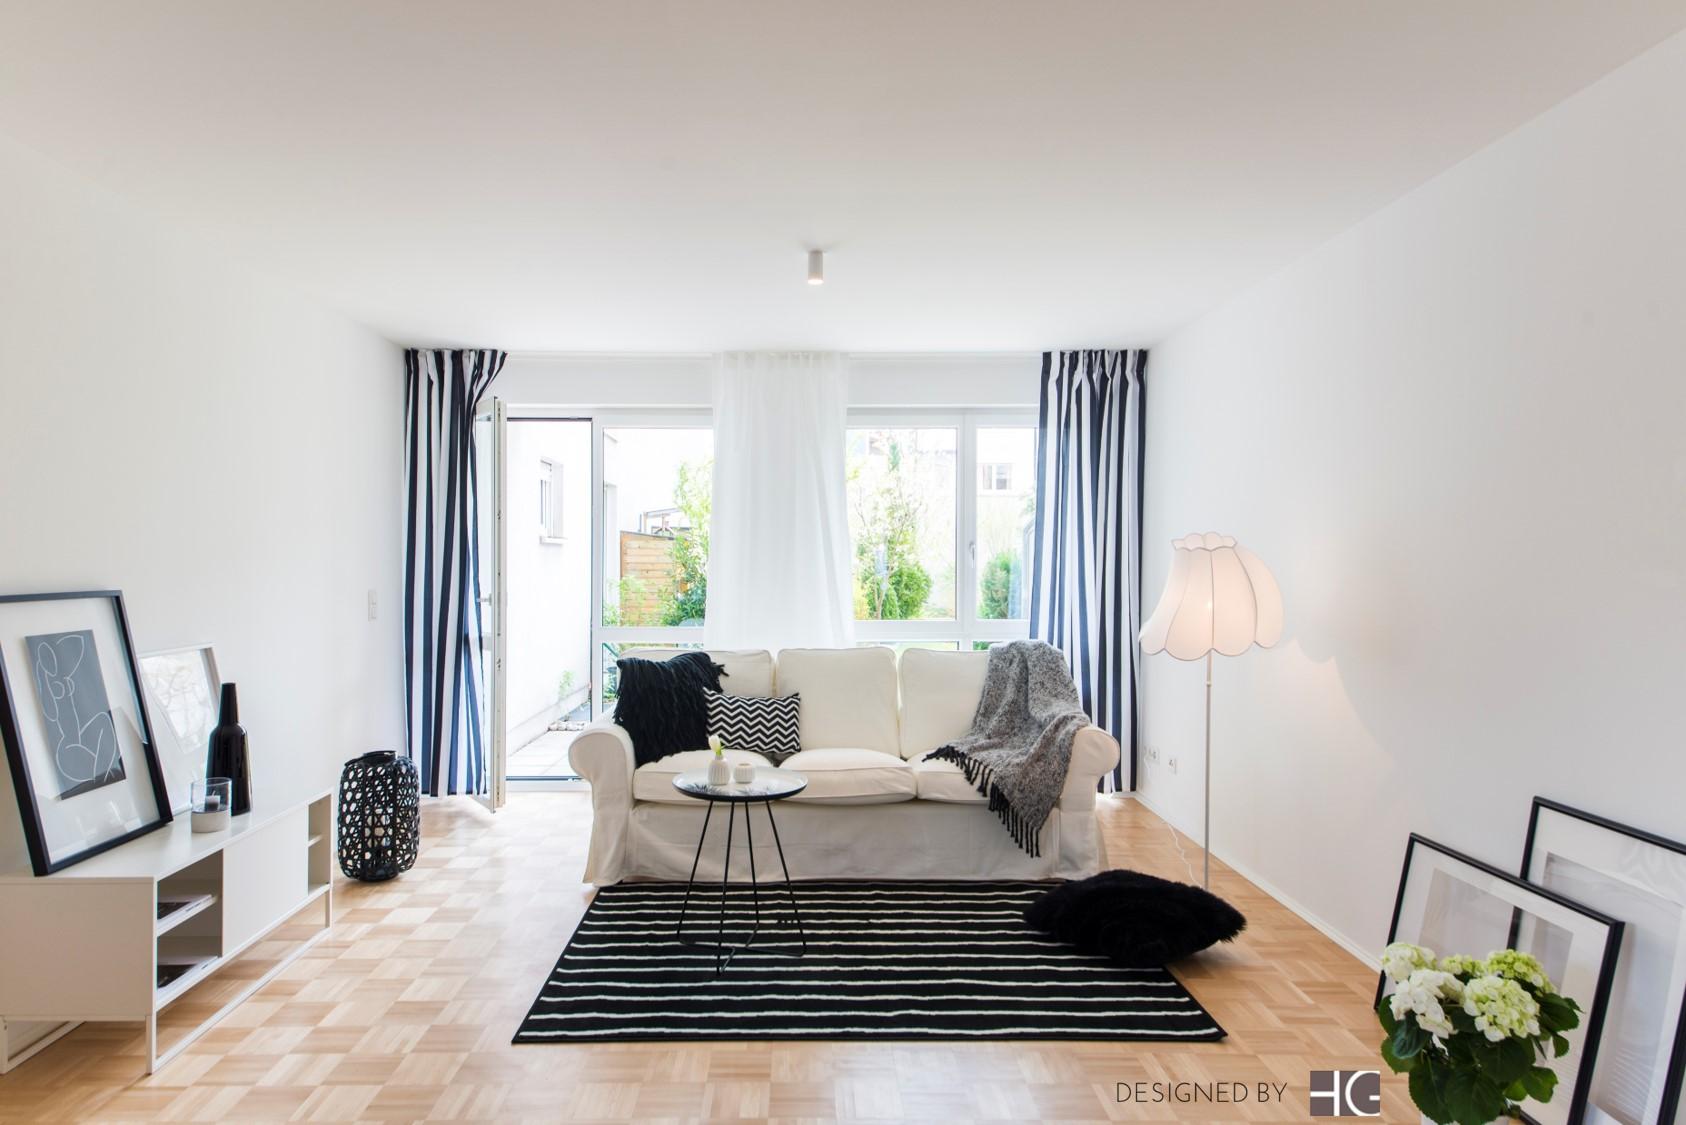 Entzückend Homestaging München Sammlung Von Home Staging Giesing – Eigentumswohnung – Platz-